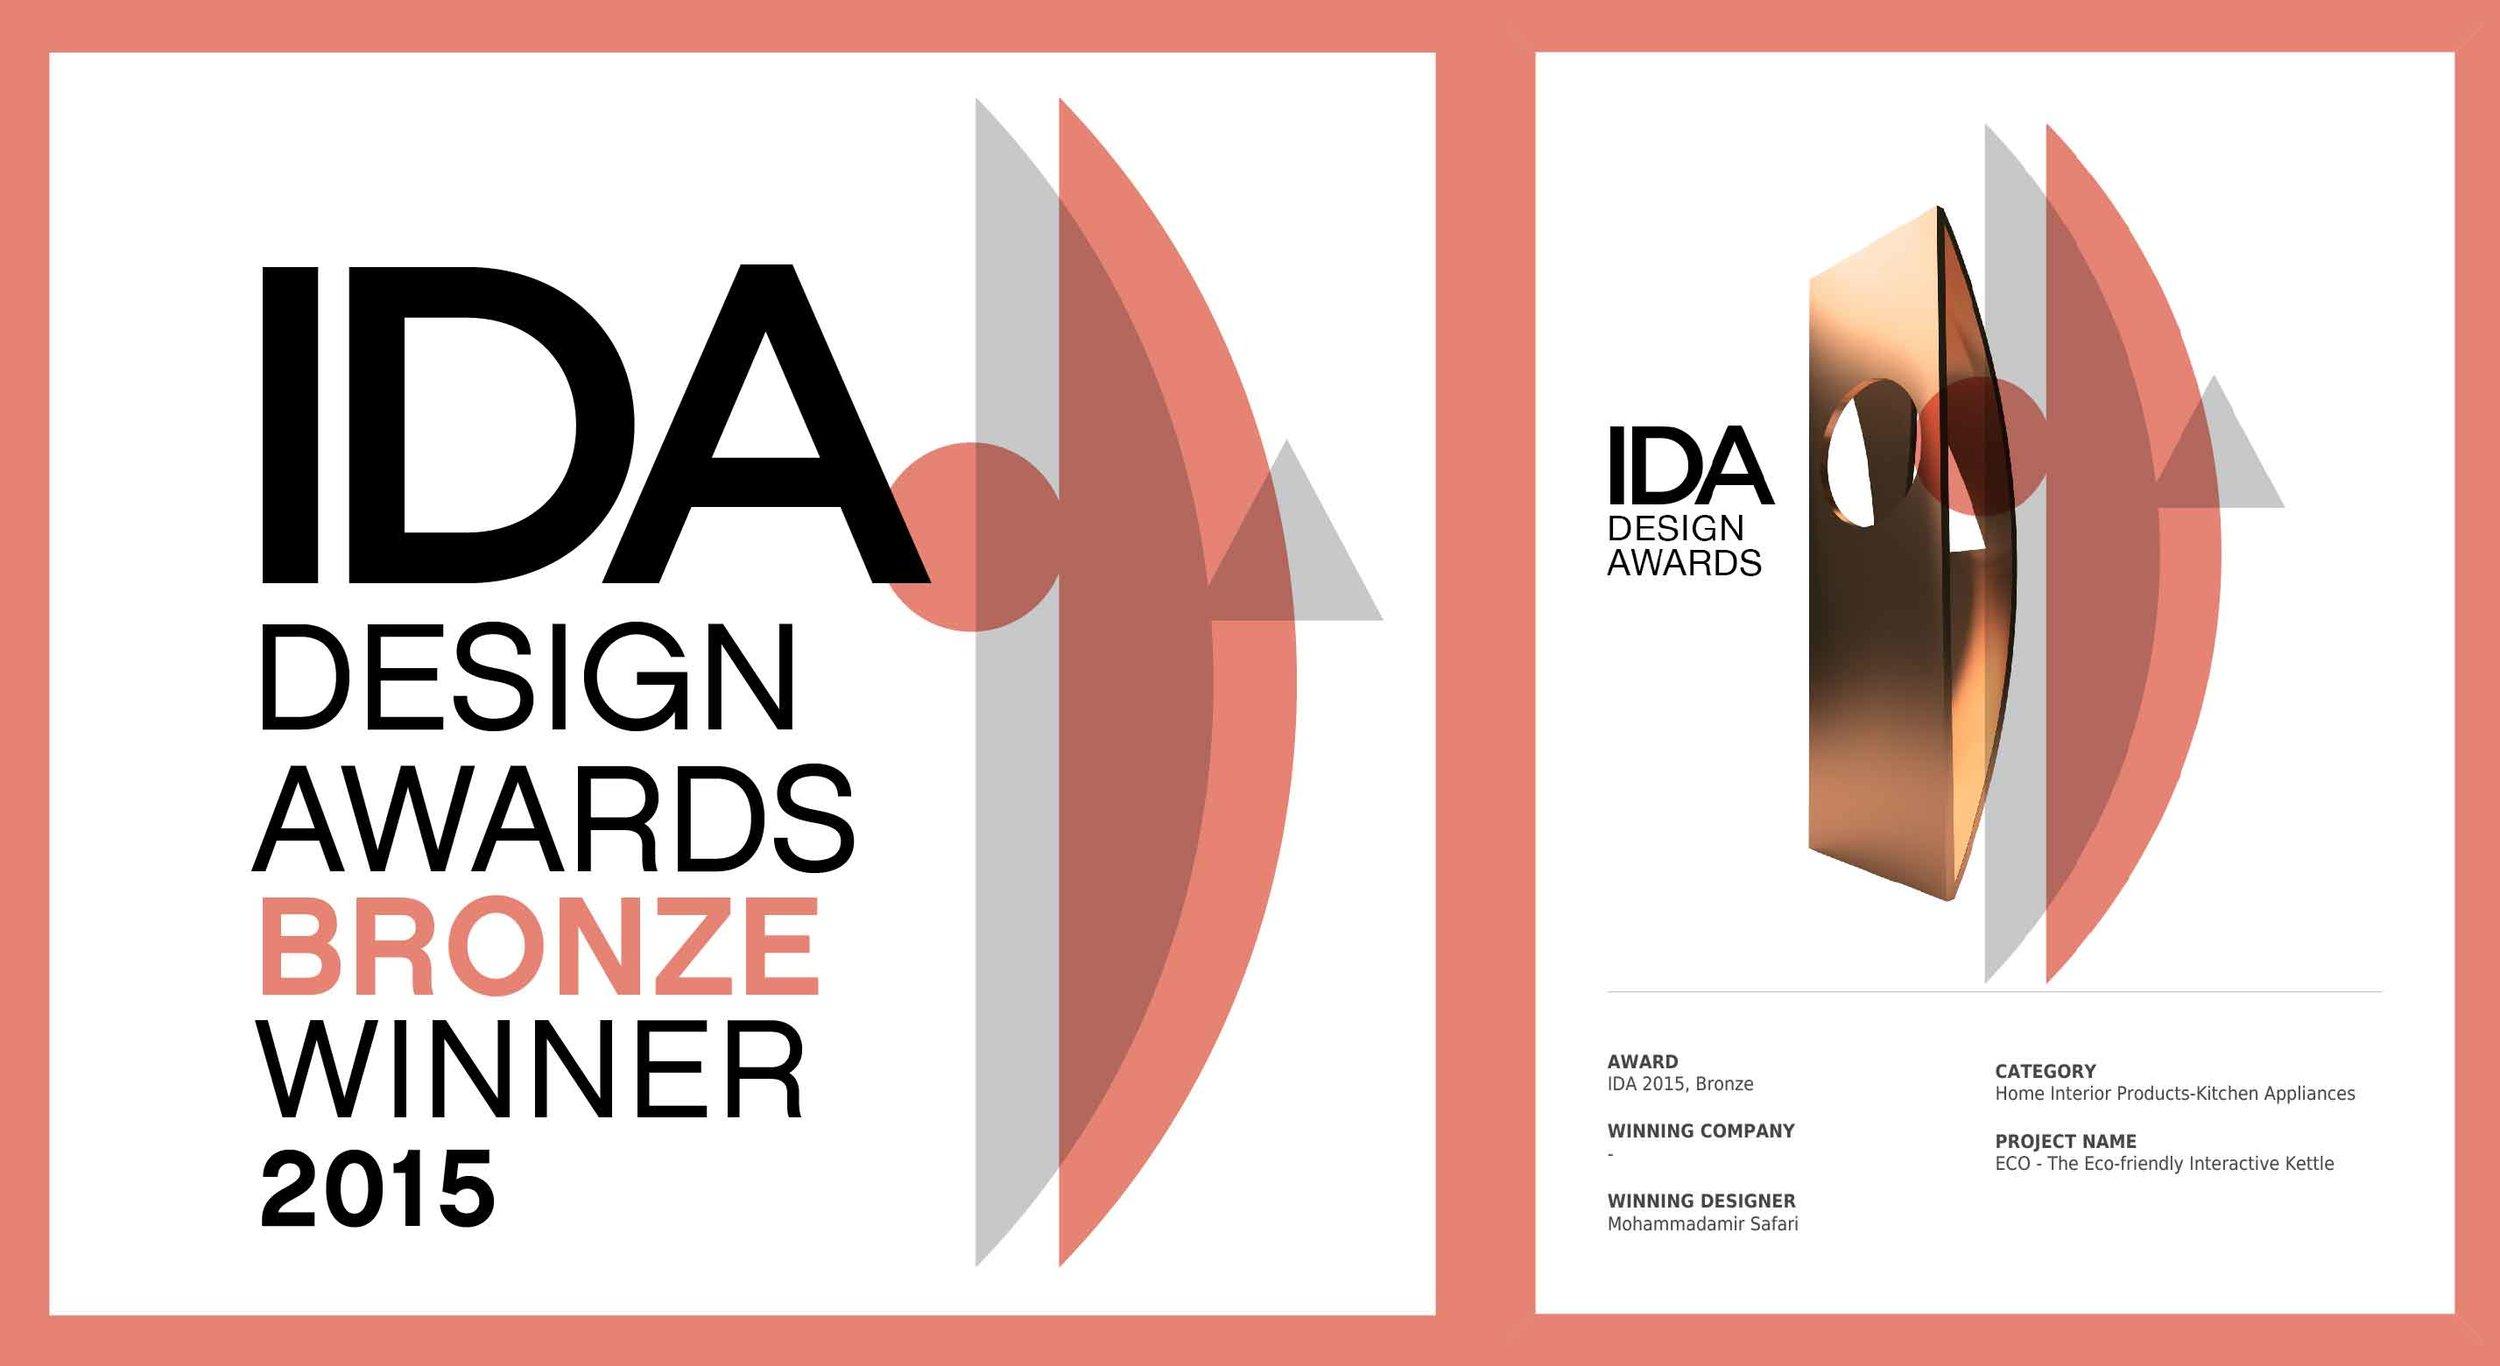 International Design Award Bronze Winner  Home Interior Products - Kitchen Appliances